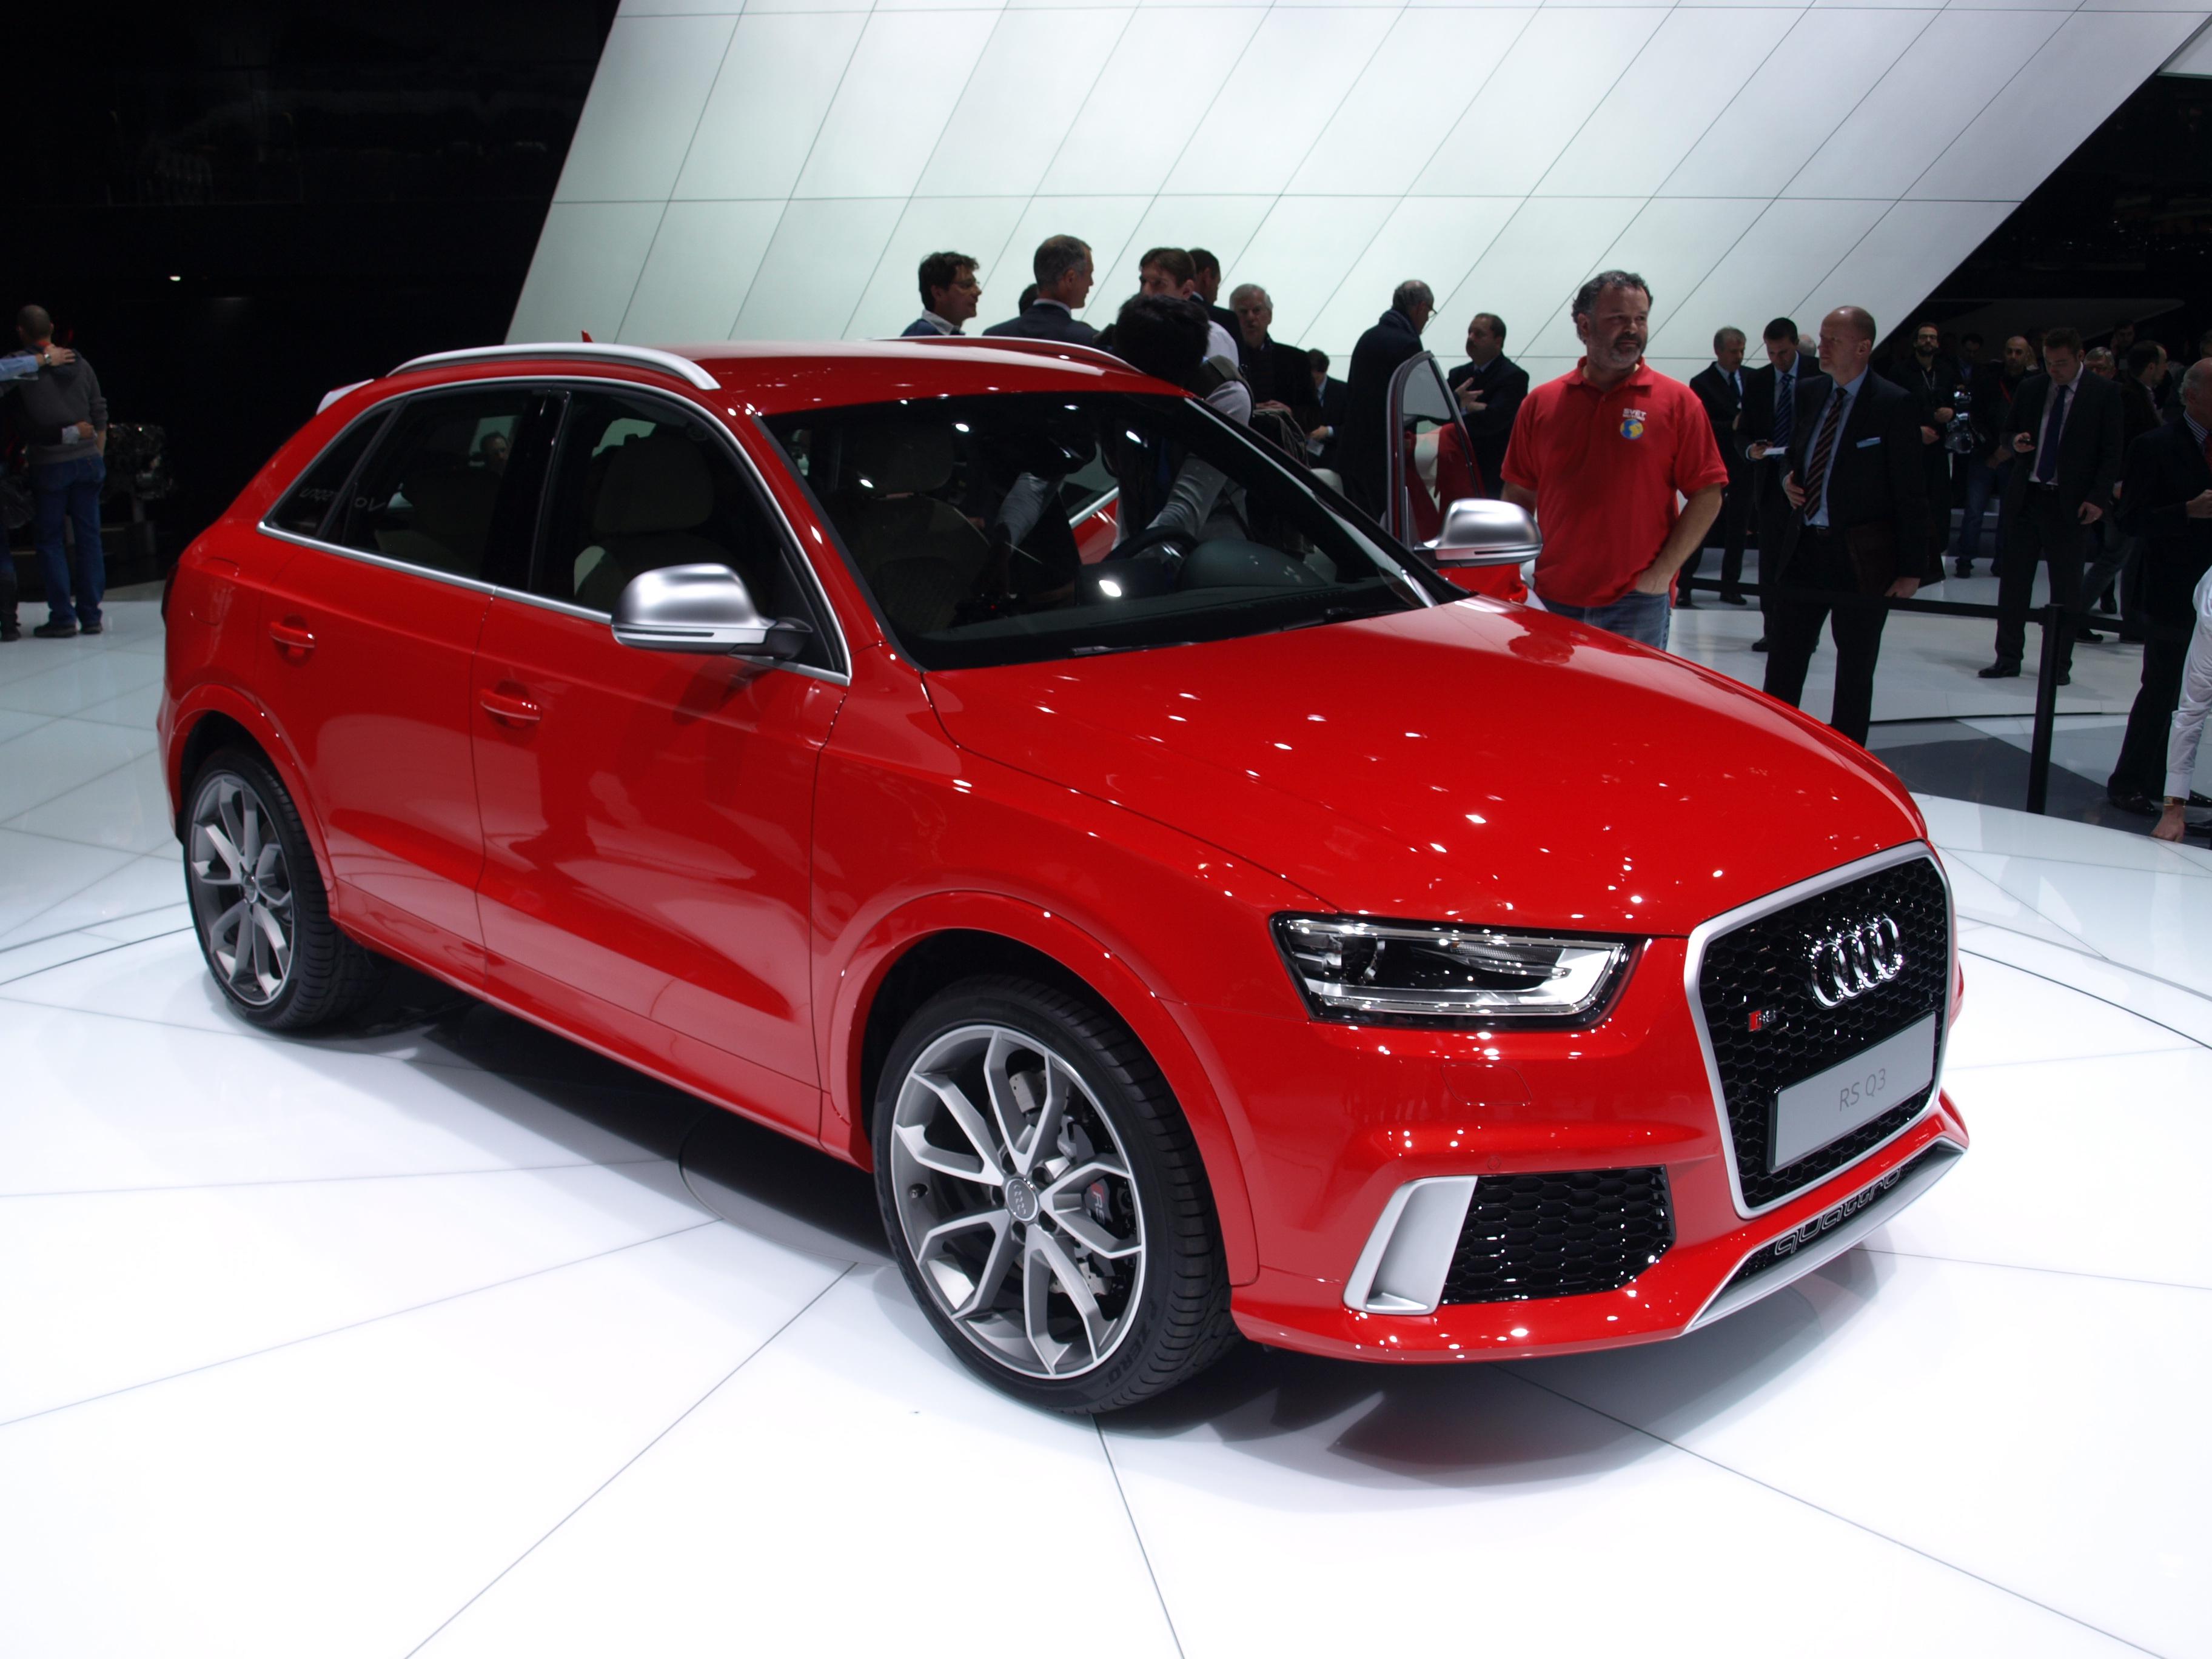 http://images.caradisiac.com/images/4/9/5/9/84959/S0-En-direct-du-Salon-de-Geneve-2013-Audi-Q3-RS-RS-fever-287345.jpg